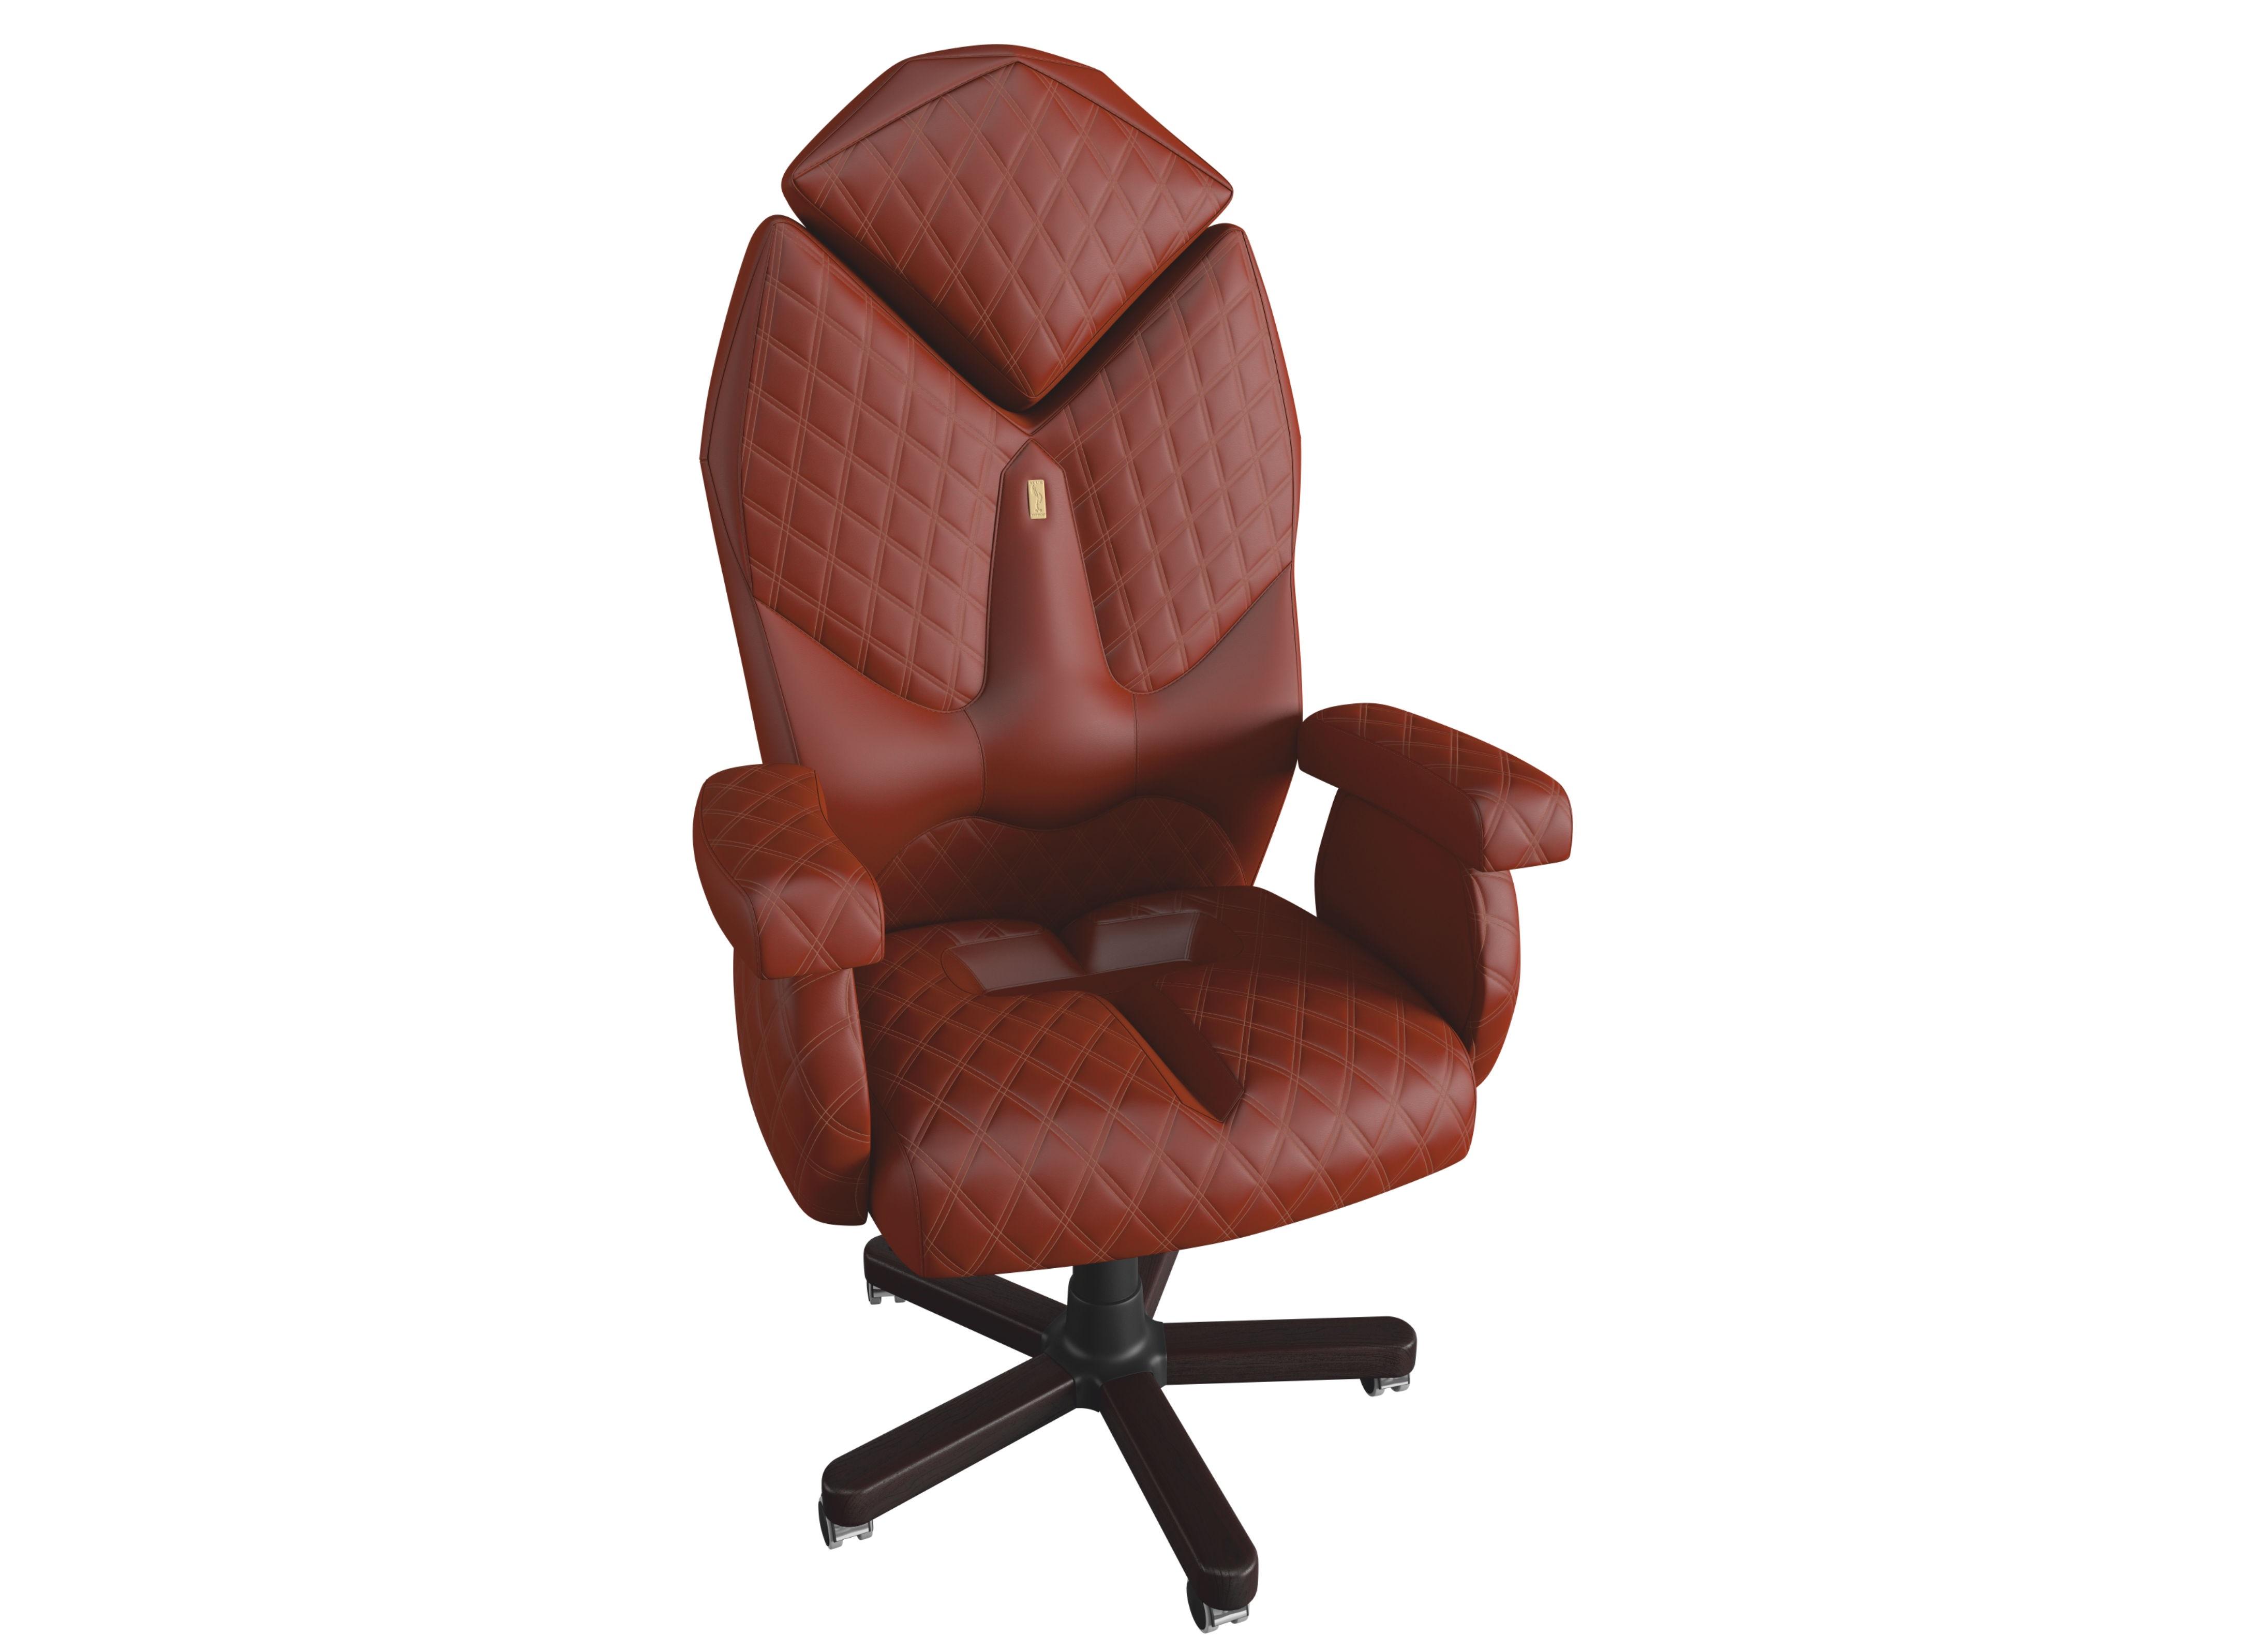 Кресло DIAMONDРабочие кресла<br>Великолепное кресло руководителя Luxury-класса имеет специально разработанную системуKulik System и не только поддерживает, но и корректирует позвоночник. Это статусное кресло идеально подойдет для активного, уверенного в себе и, самое главное, успешного лидера, который хочет иметь все самое лучшее и всегда добивается своей цели.&amp;amp;nbsp;<br><br>Material: Кожа<br>Length см: None<br>Width см: 96<br>Depth см: 79<br>Height см: 149,5<br>Diameter см: None